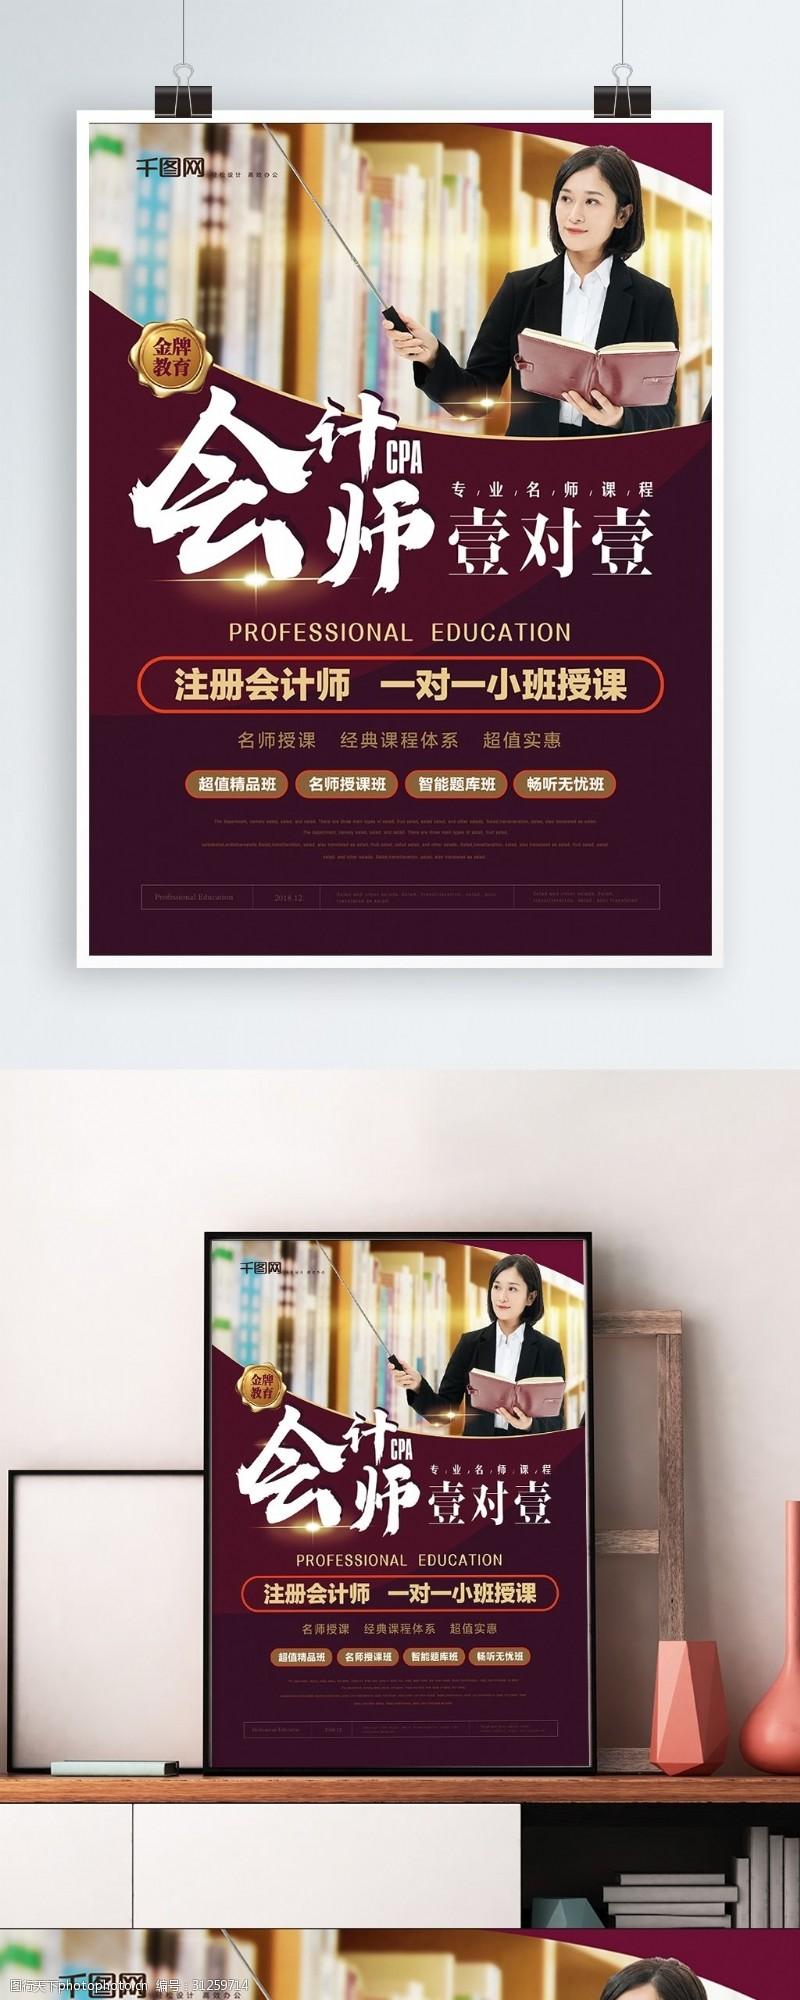 cpa简约风会计师培训海报